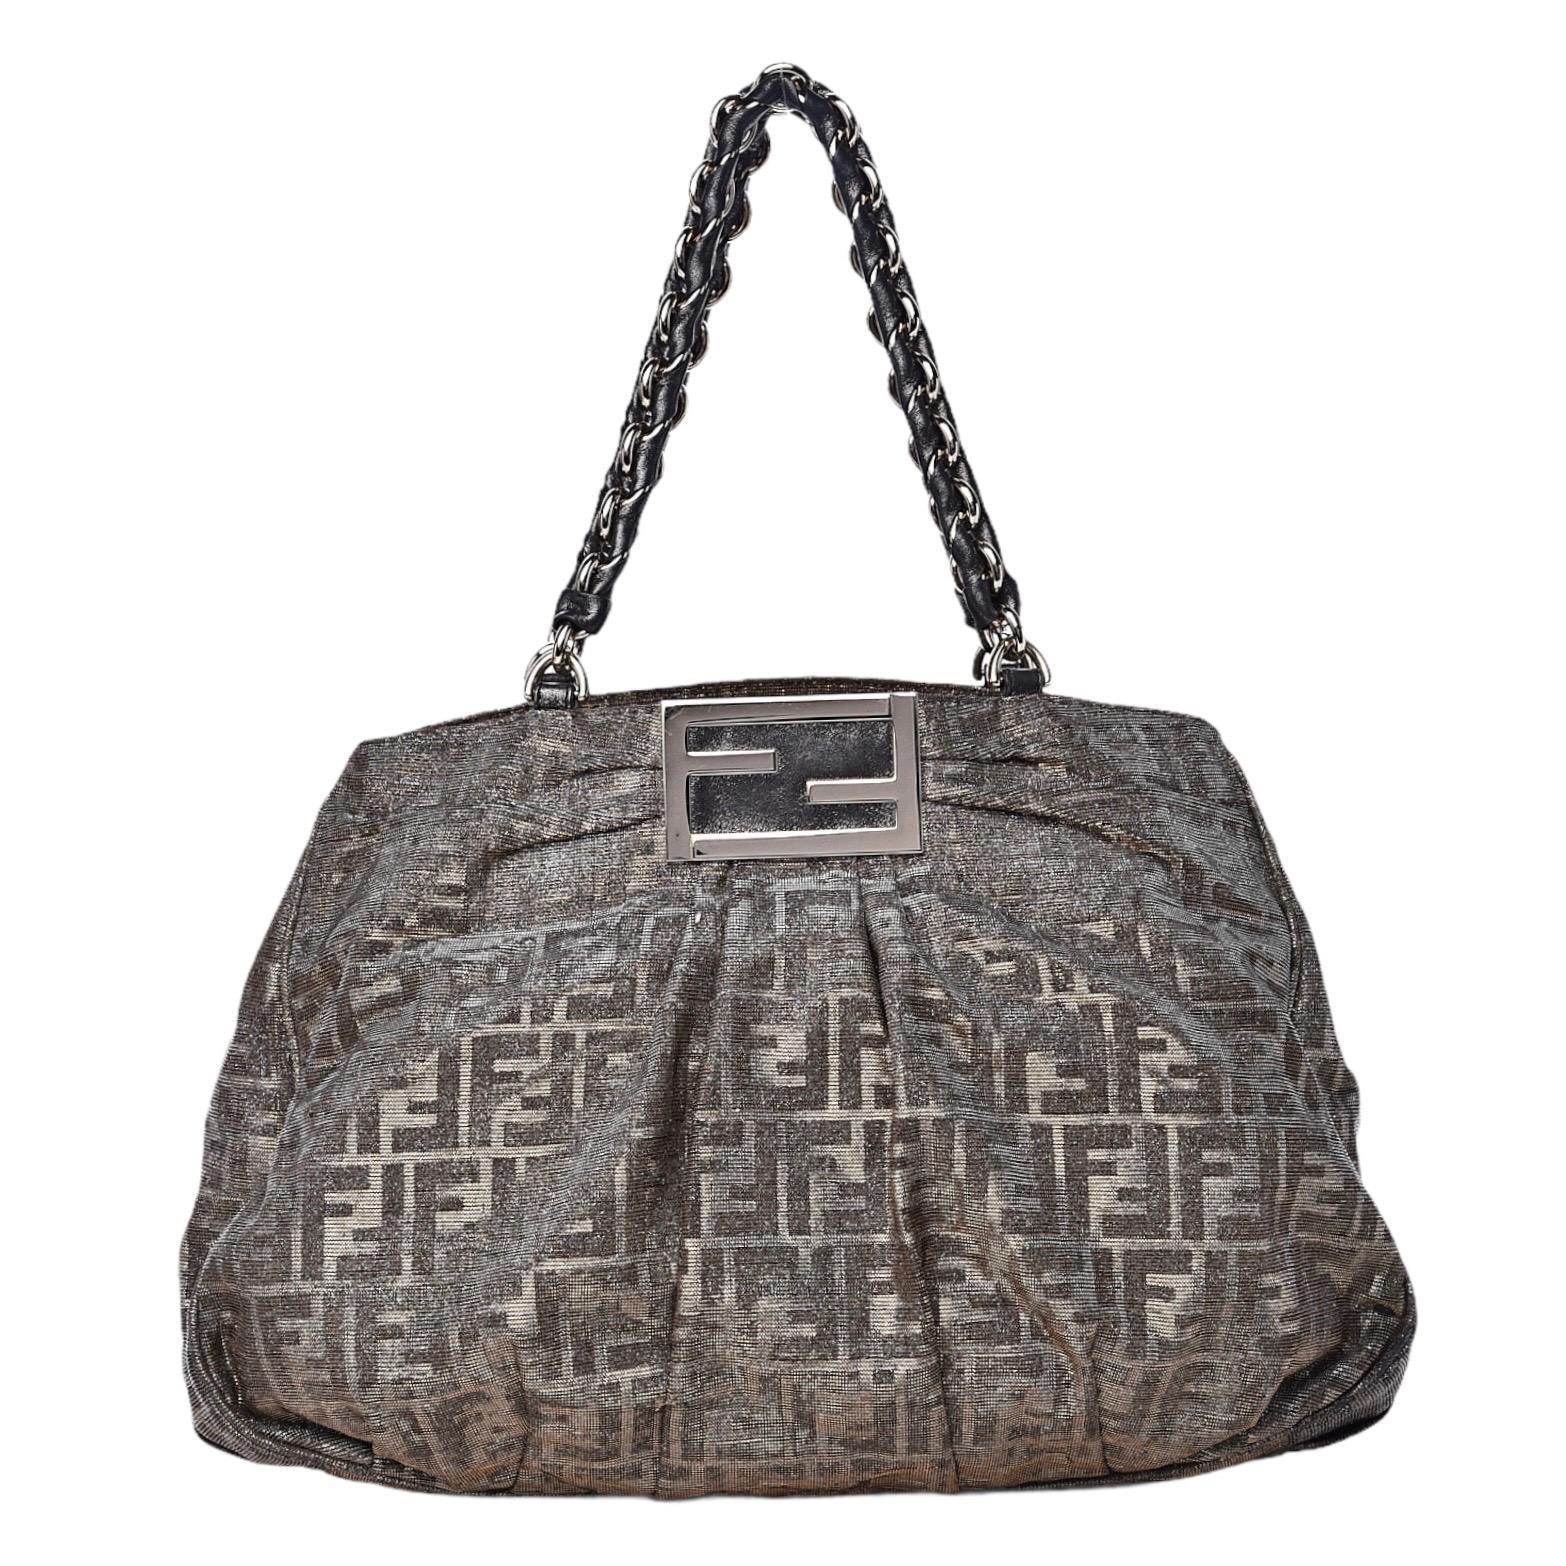 Rare Large FENDI Metallic Lurex Zucca Print Shoulder Bag